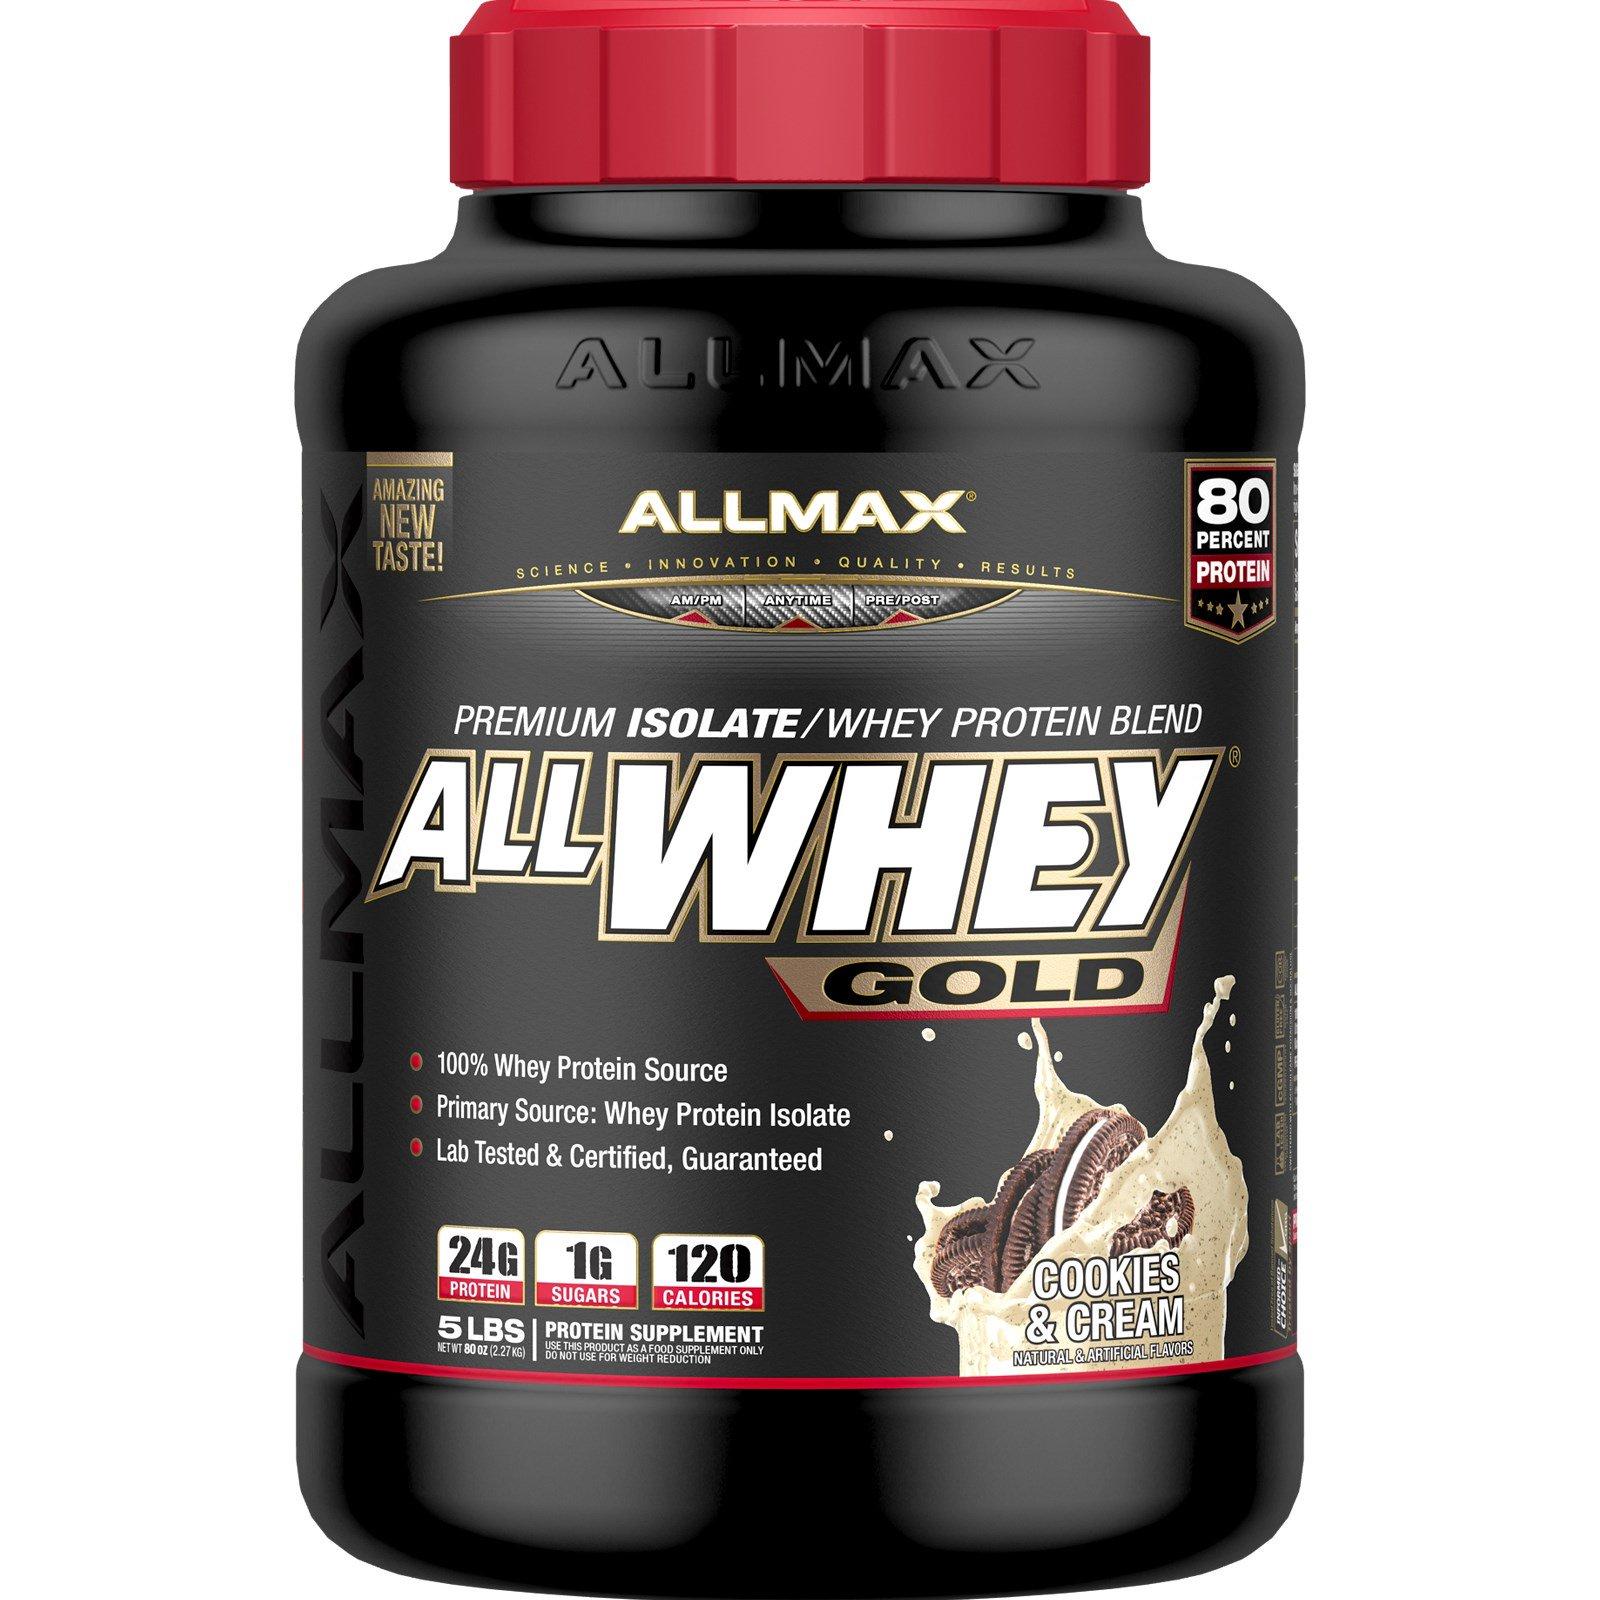 ALLMAX Nutrition, AllWhey Gold, премиум-смесь из изолята/сывороточного протеина, печенье и сливки, 2,27 кг (5 фунтов)